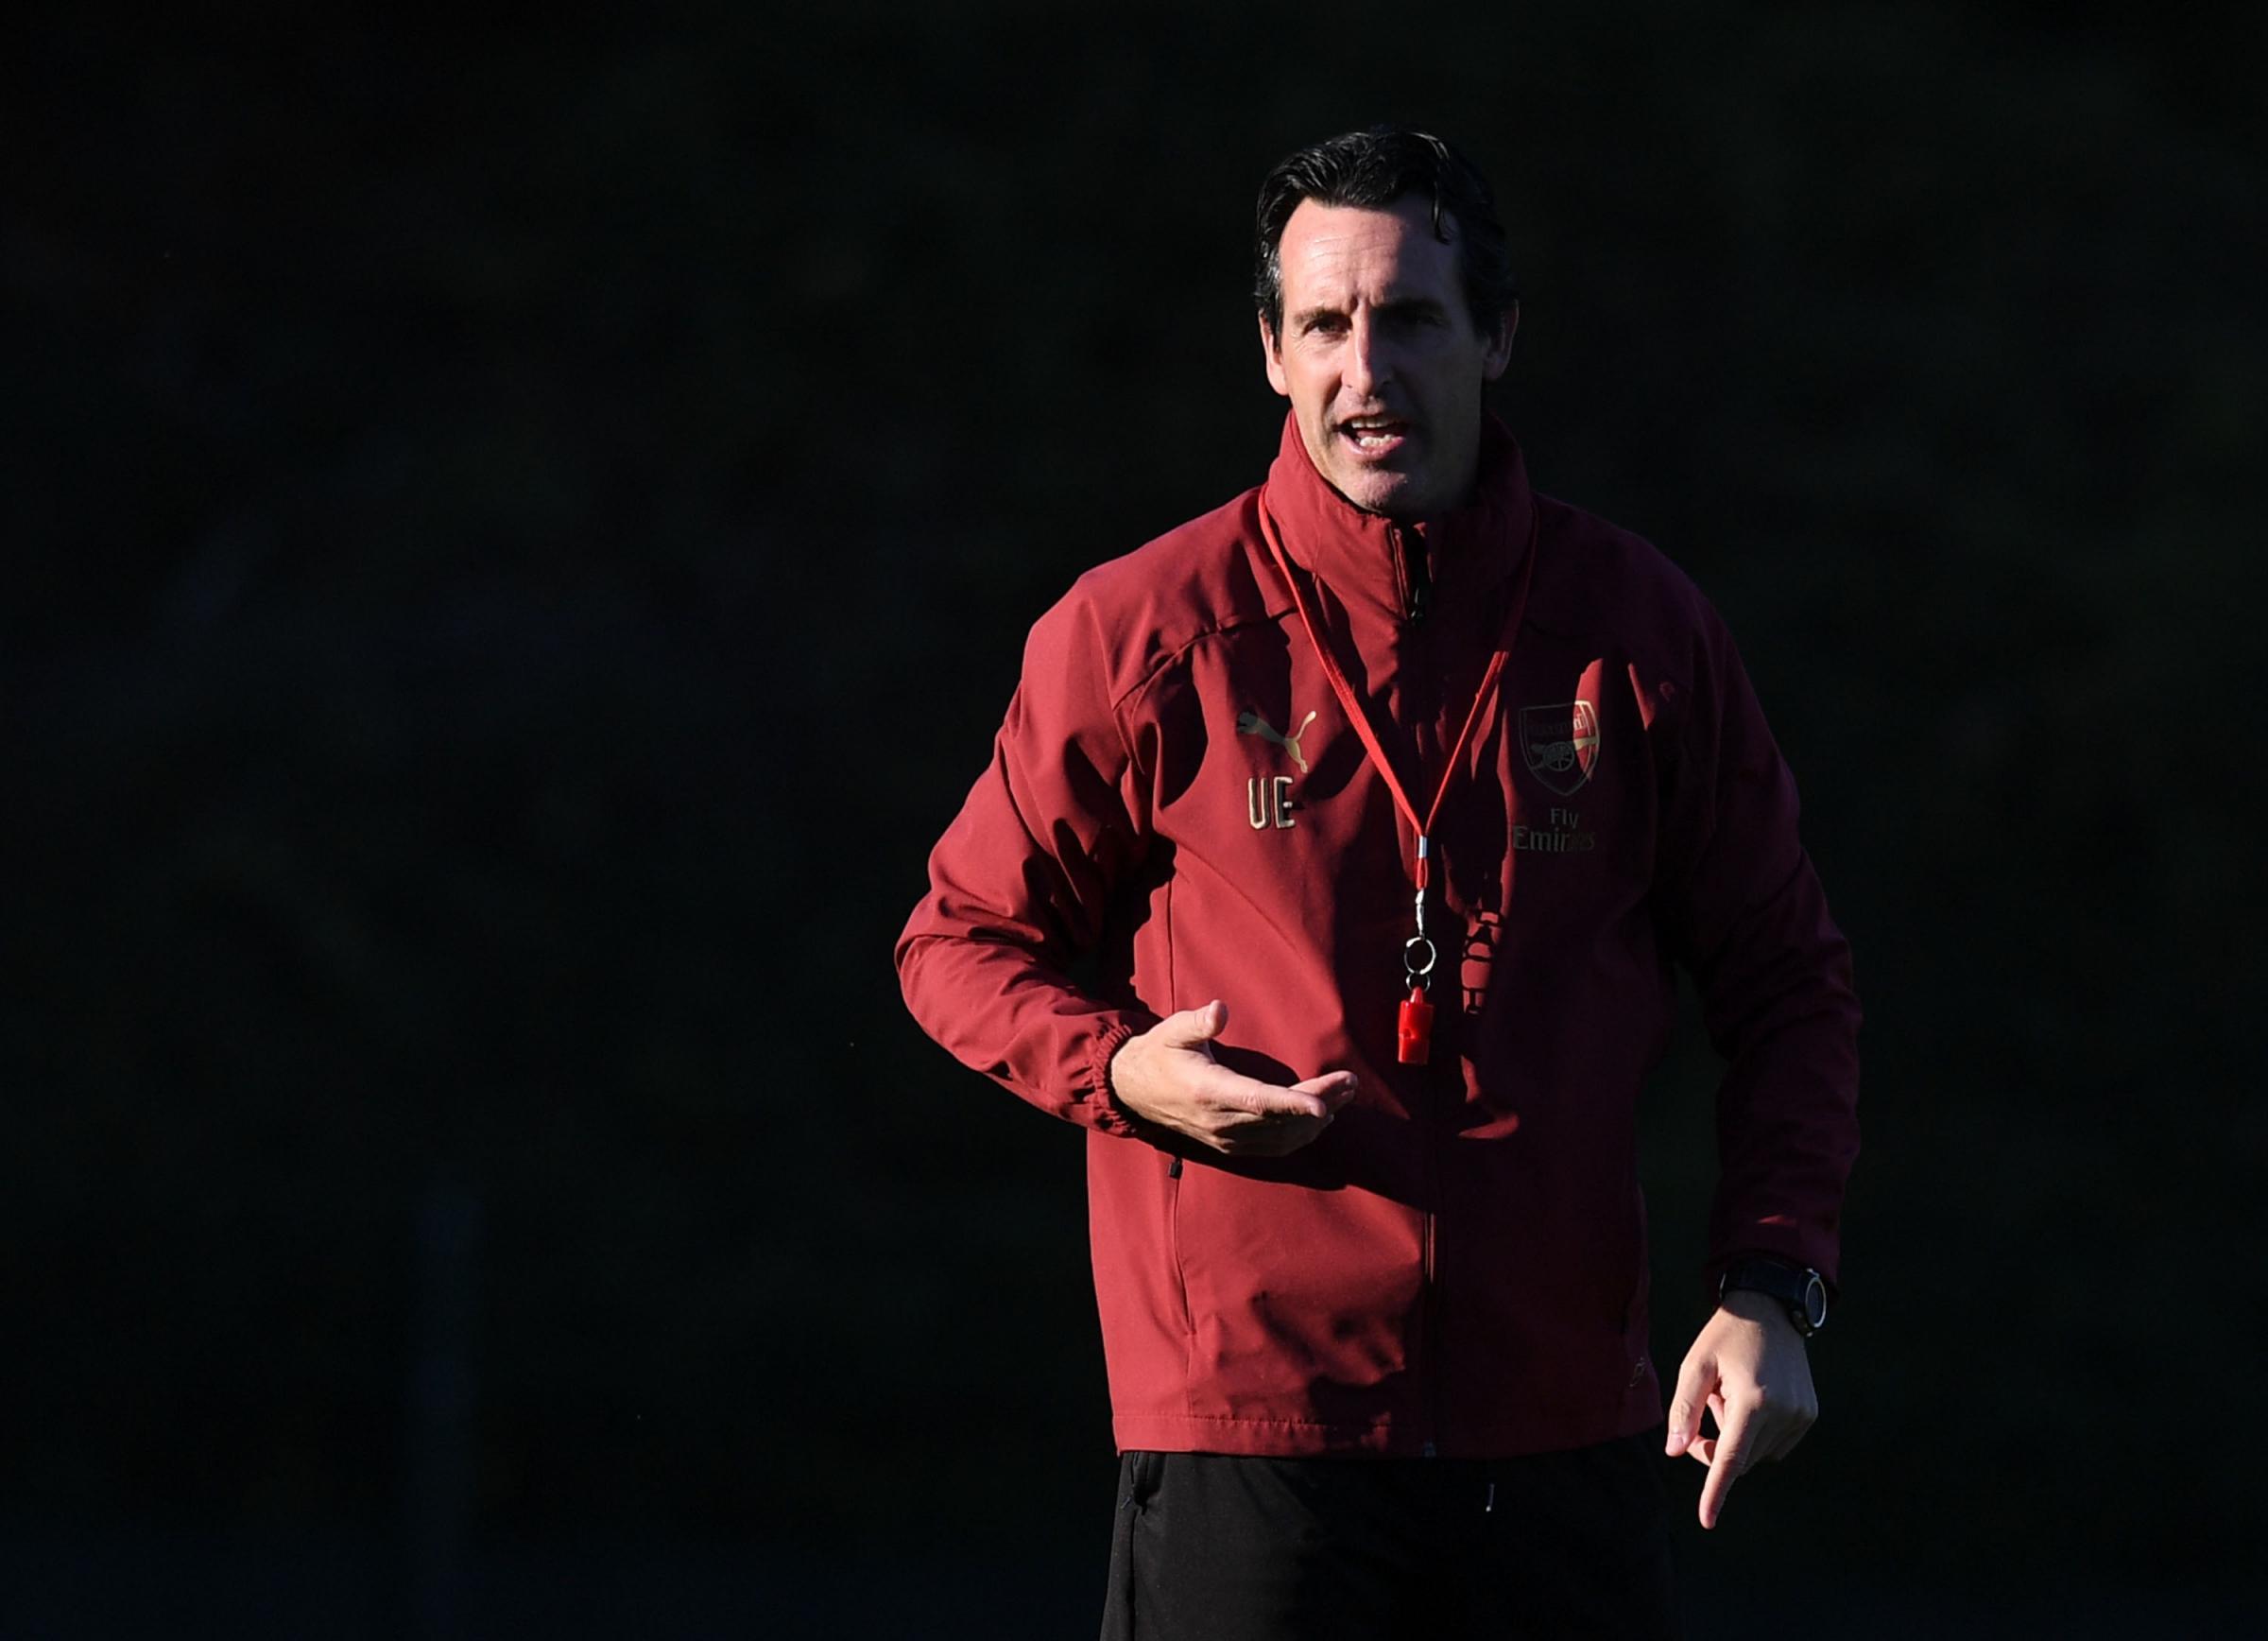 Gary Neville salutes Lucas Torreira after Arsenal's 4-2 win over Tottenham